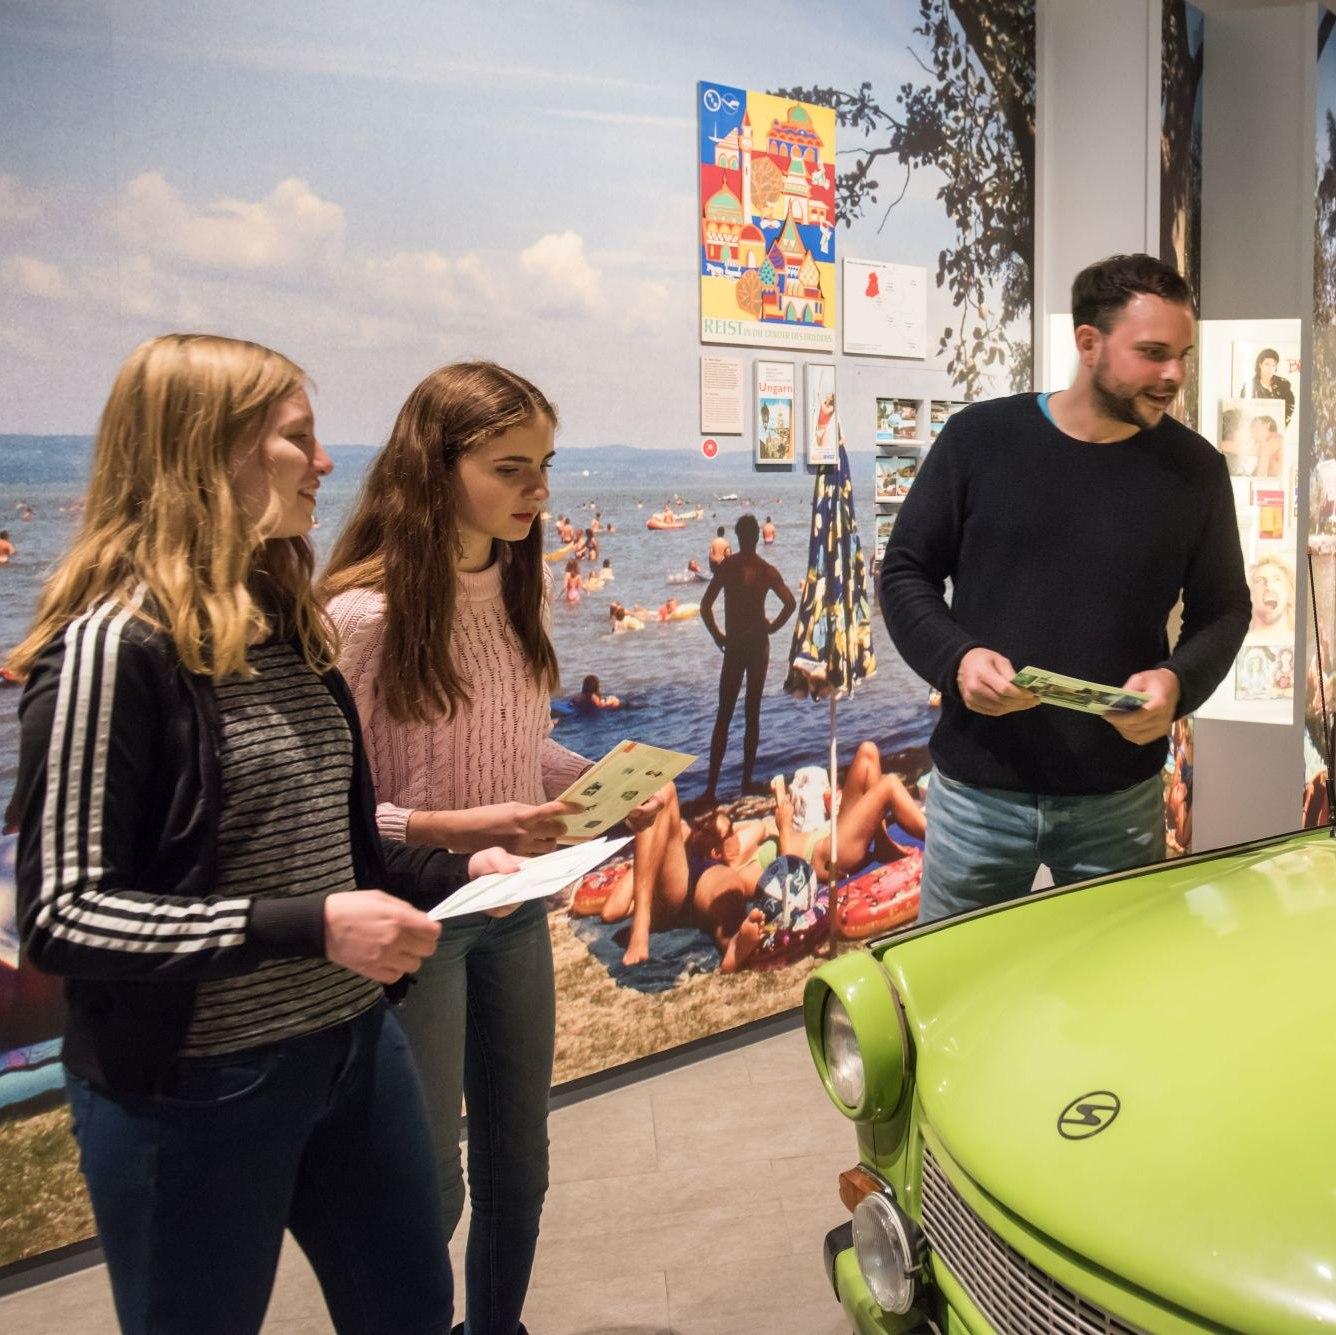 Zwei Mädchen im Teenager-Alter und ein Mann sehen sich einen Trabi mit einem Dachzelt an, im Hintergrund eine Foto-Tapete mit einem Seestrand